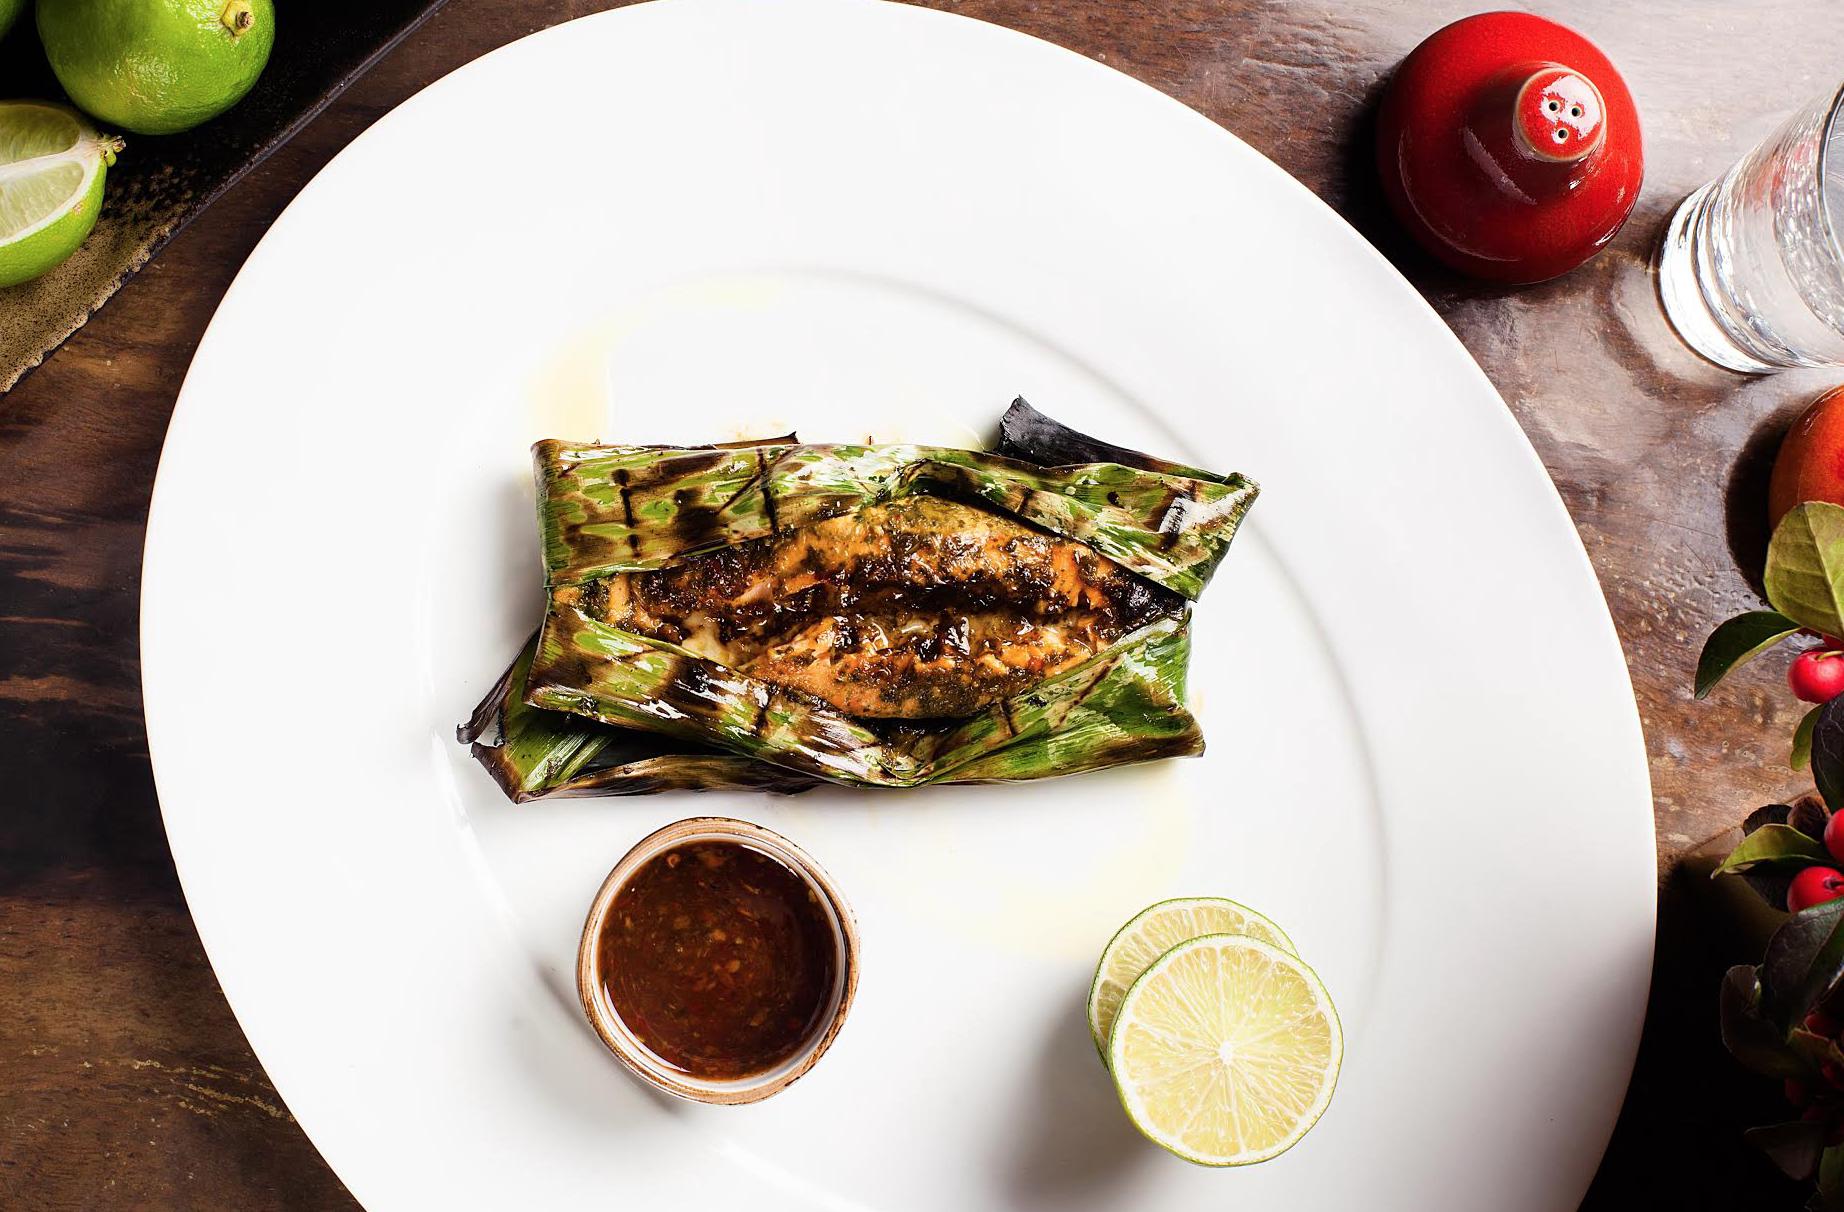 Маринованный лосось в банановом листе - ресторанный рецепт